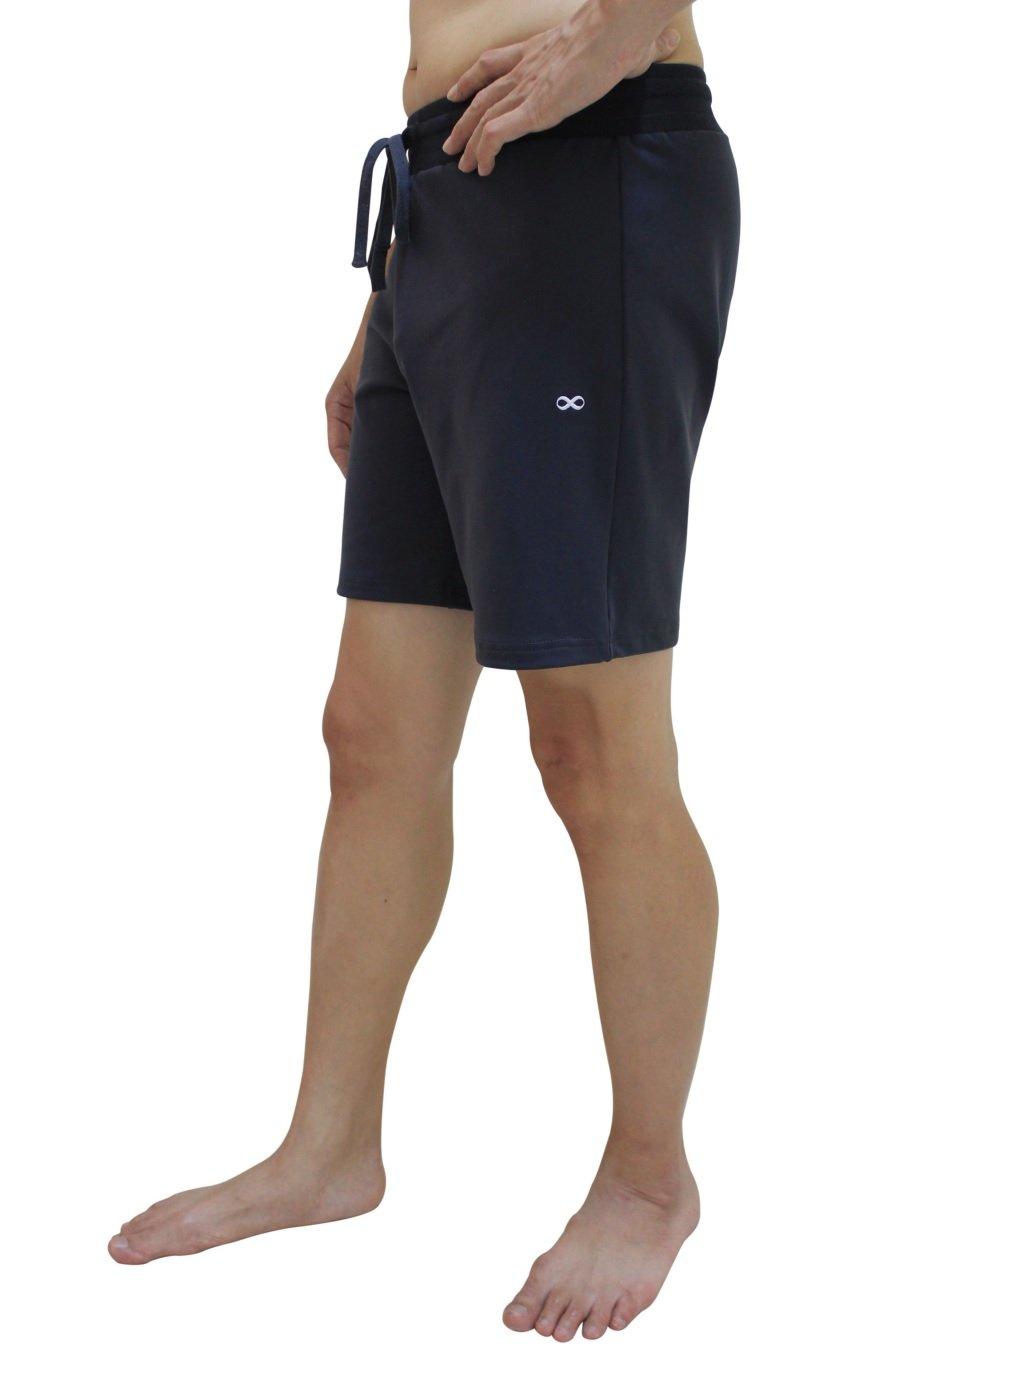 YogaAddict Yoga Shorts for Men, Quick Dry, No Pockets, for Any Yoga (Bikram, Hot Yoga, Hatha, Ashtanga), Pilates, Gym, Grey with Inner Liner - Size M by YogaAddict